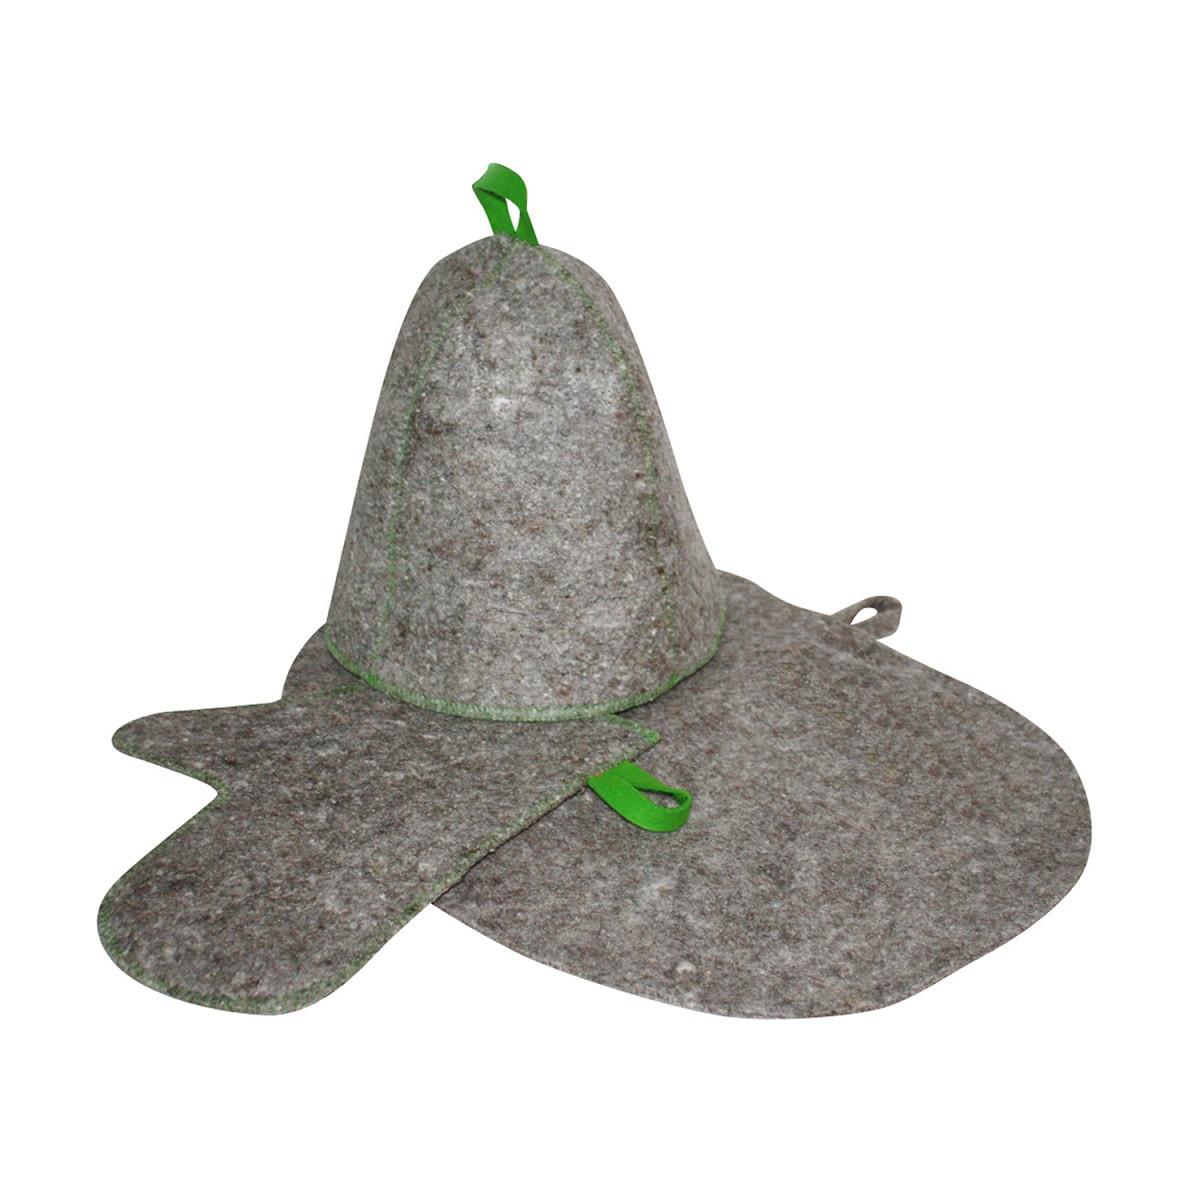 Комплект банный (шапка, рукавица, коврик), войлок серый